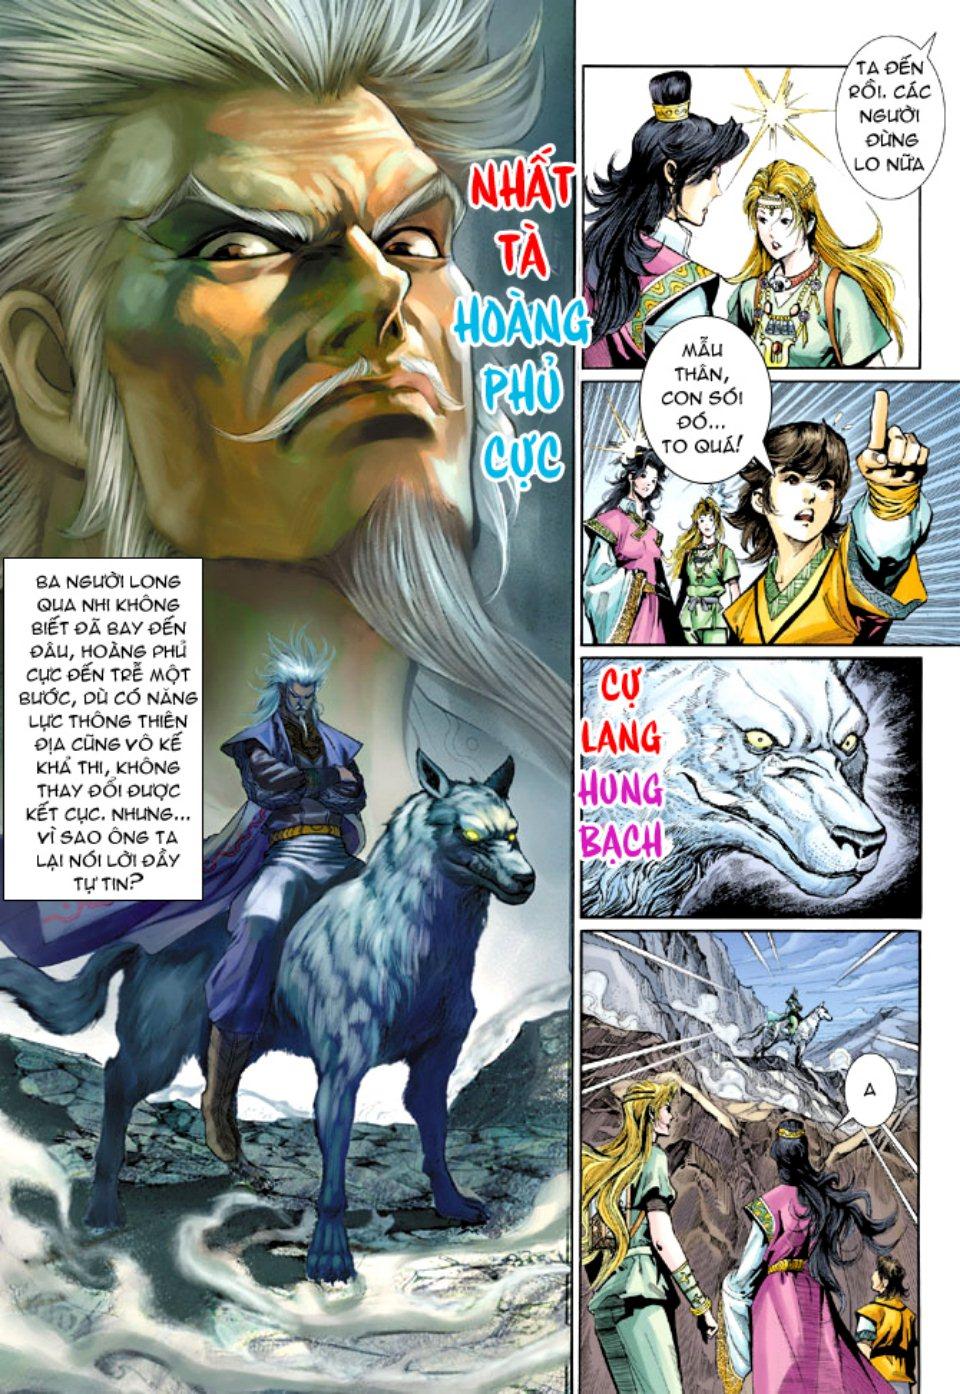 Thiên Tử Truyền Kỳ 5 - Như Lai Thần Chưởng chap 212 - Trang 21